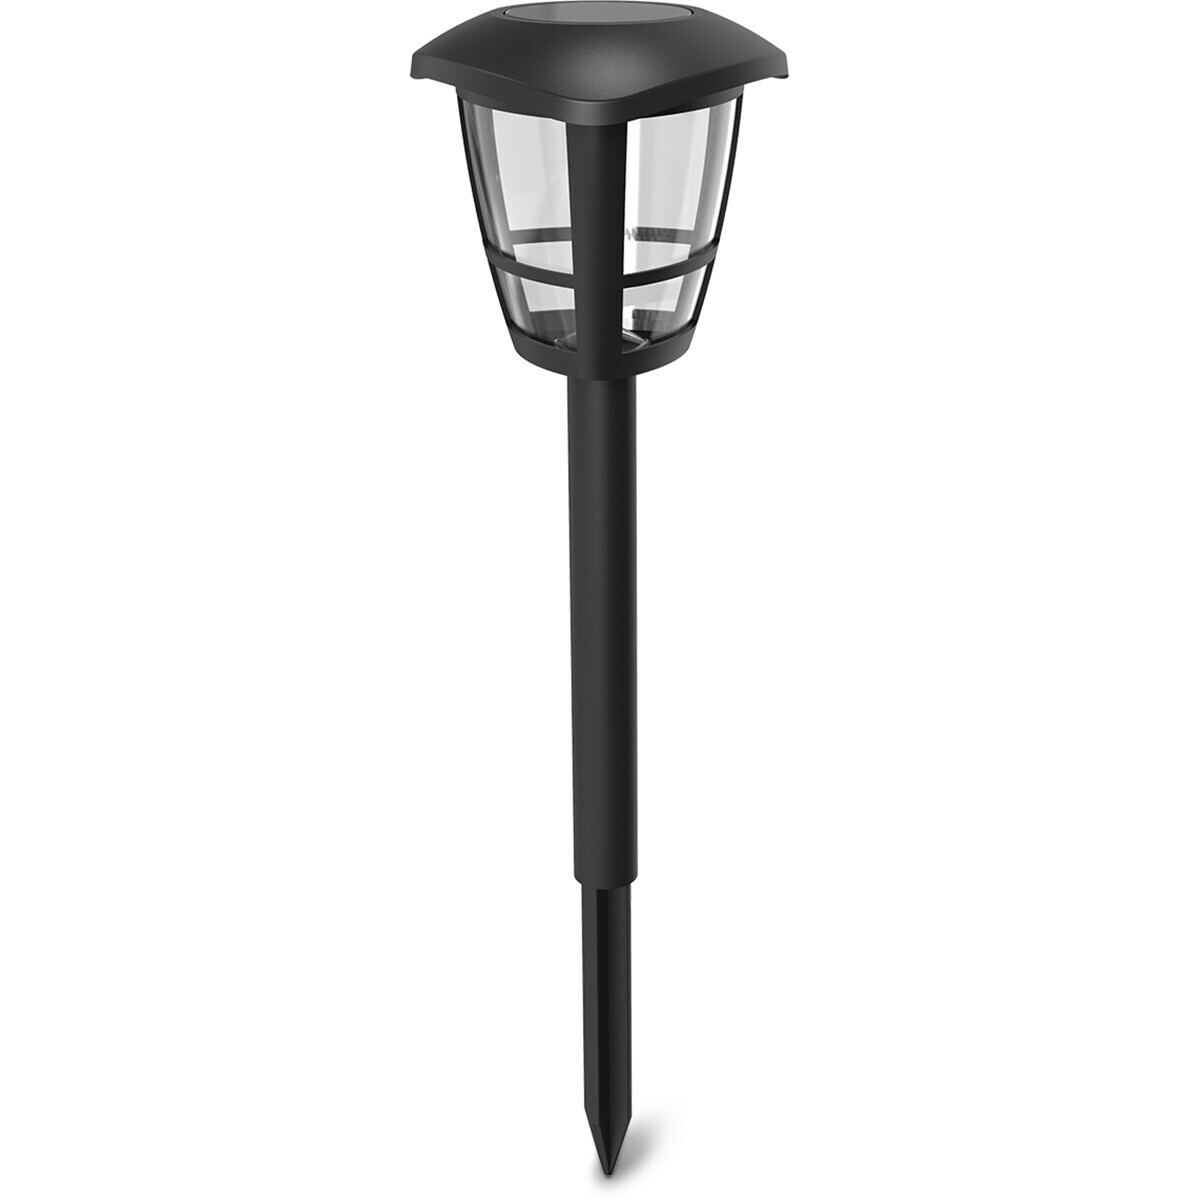 LED Priklamp met Zonne-energie - Aigi Nina - 0.06W - Warm Wit 3000K - Mat Zwart - Kunststof